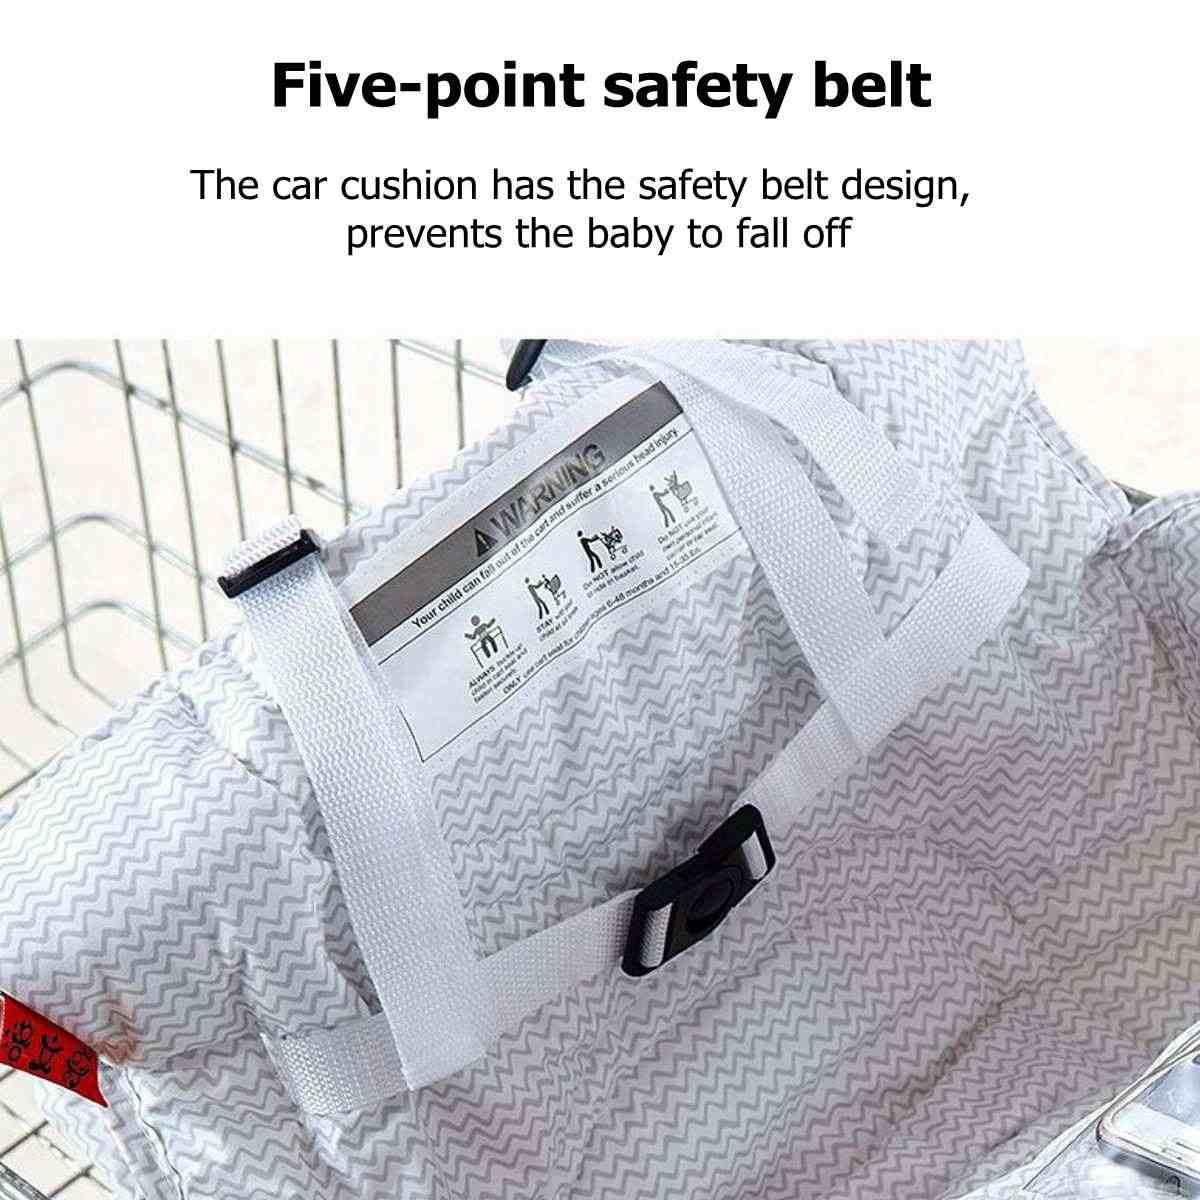 متعددة الوظائف الطفل الأطفال عربة تسوق قابلة للطي غطاء الطفل التسوق دفع عربة غطاء للحماية مقاعد السلامة للأطفال